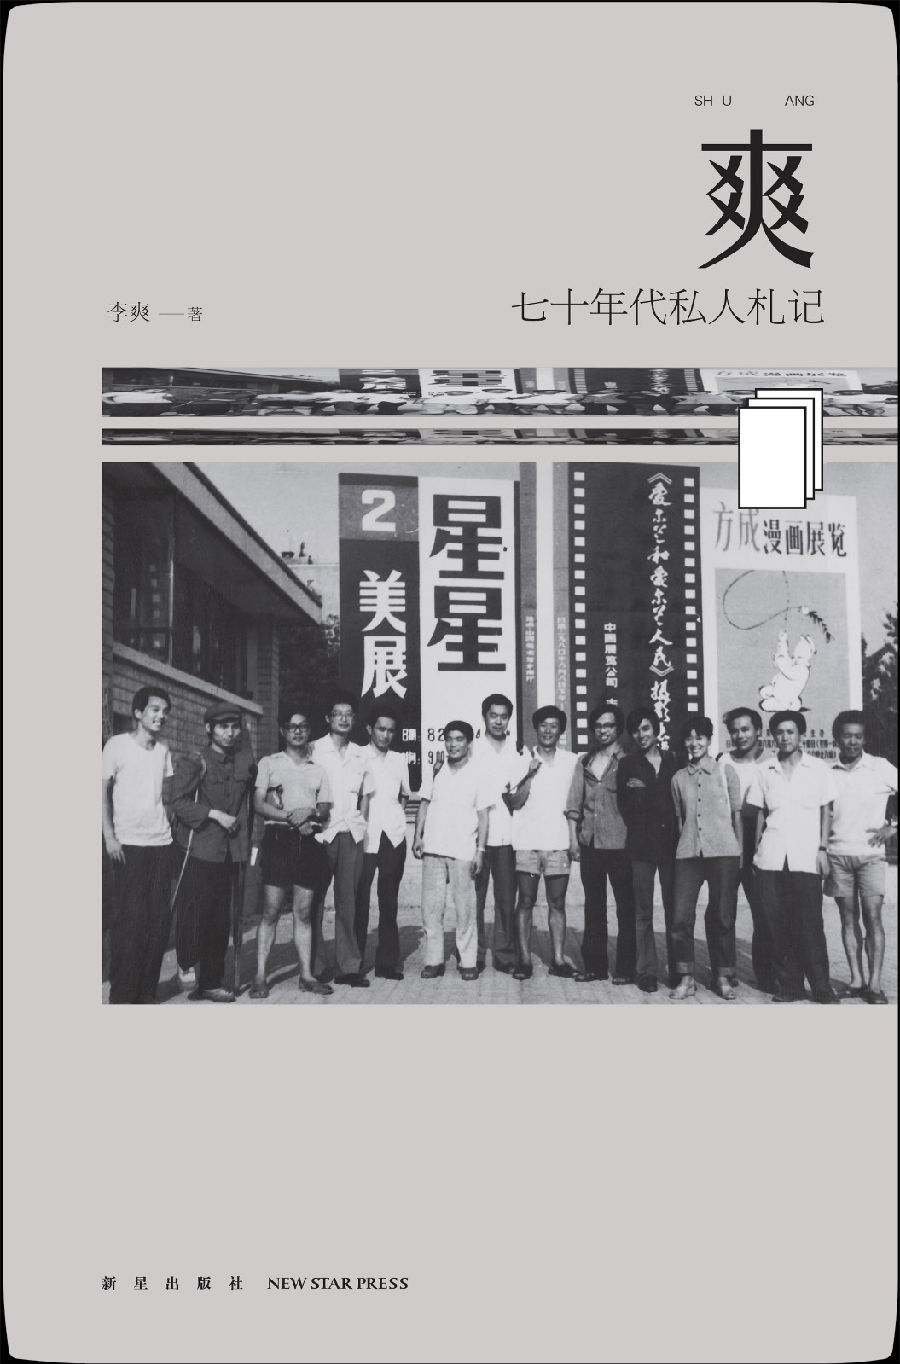 李爽著七十年代私人札记.jpg